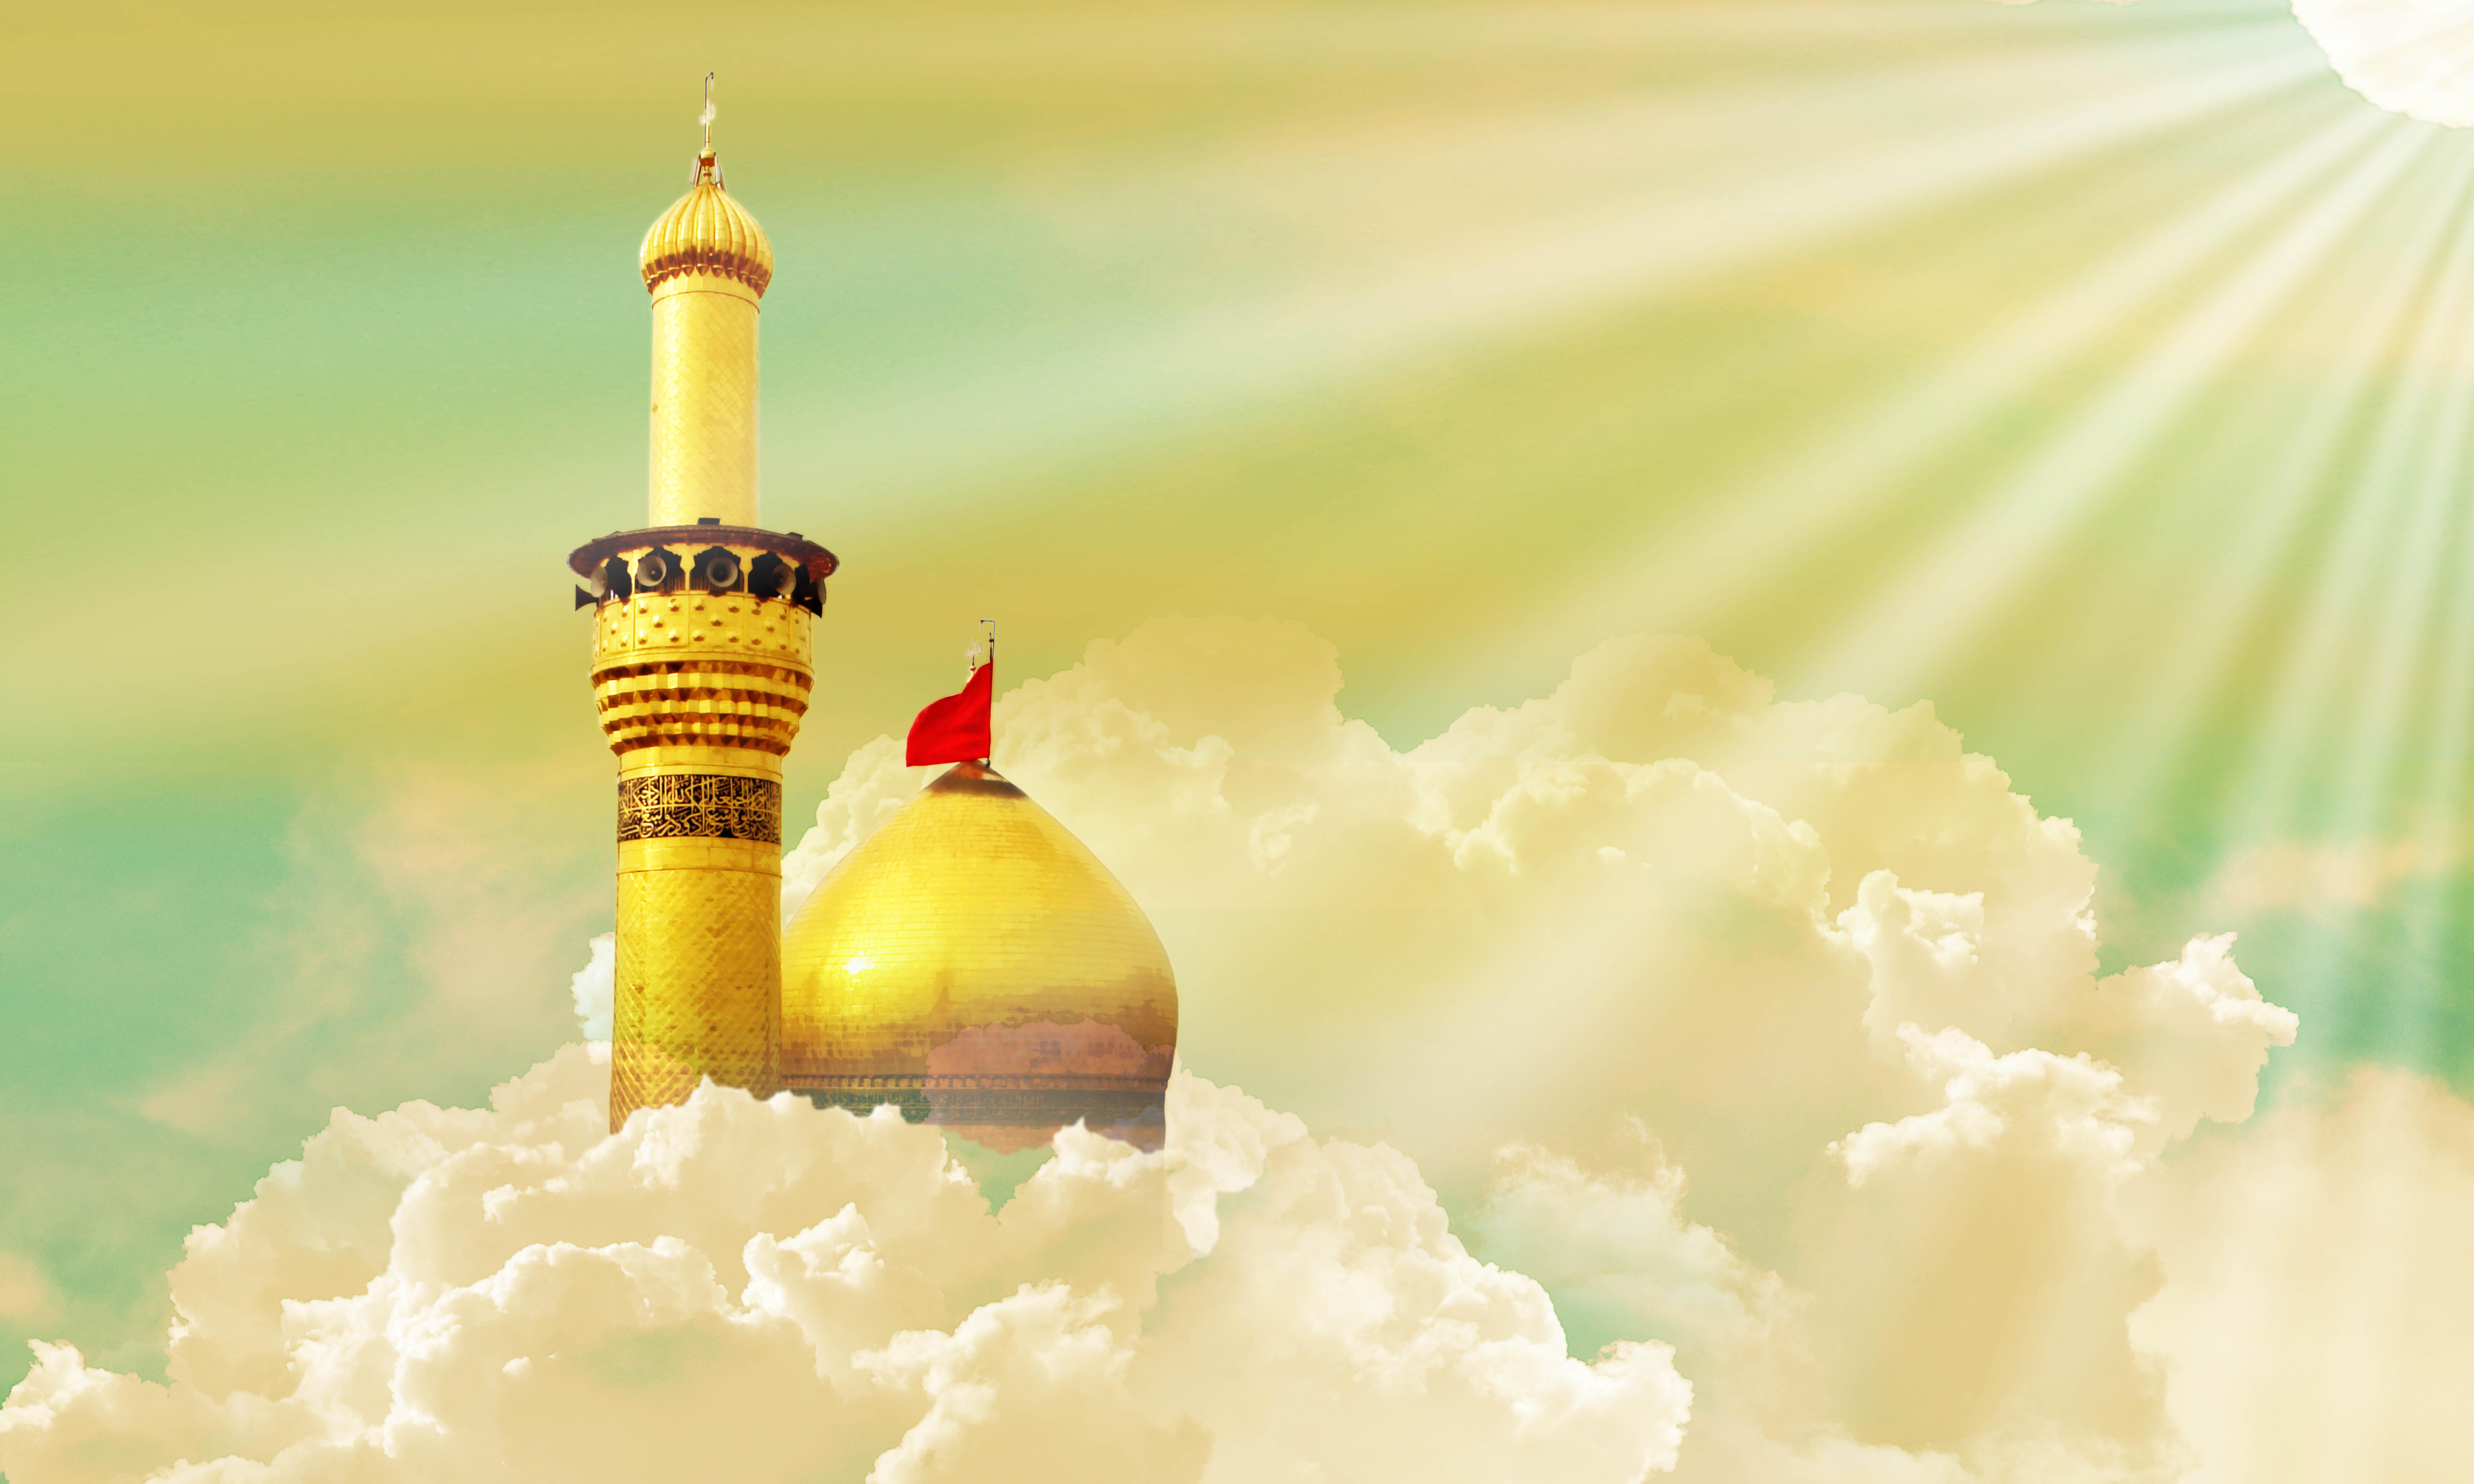 http://fc05.deviantart.net/fs70/f/2009/345/a/8/imam_hossein_3x5_meter_banner_by_islamicwallpers.jpg